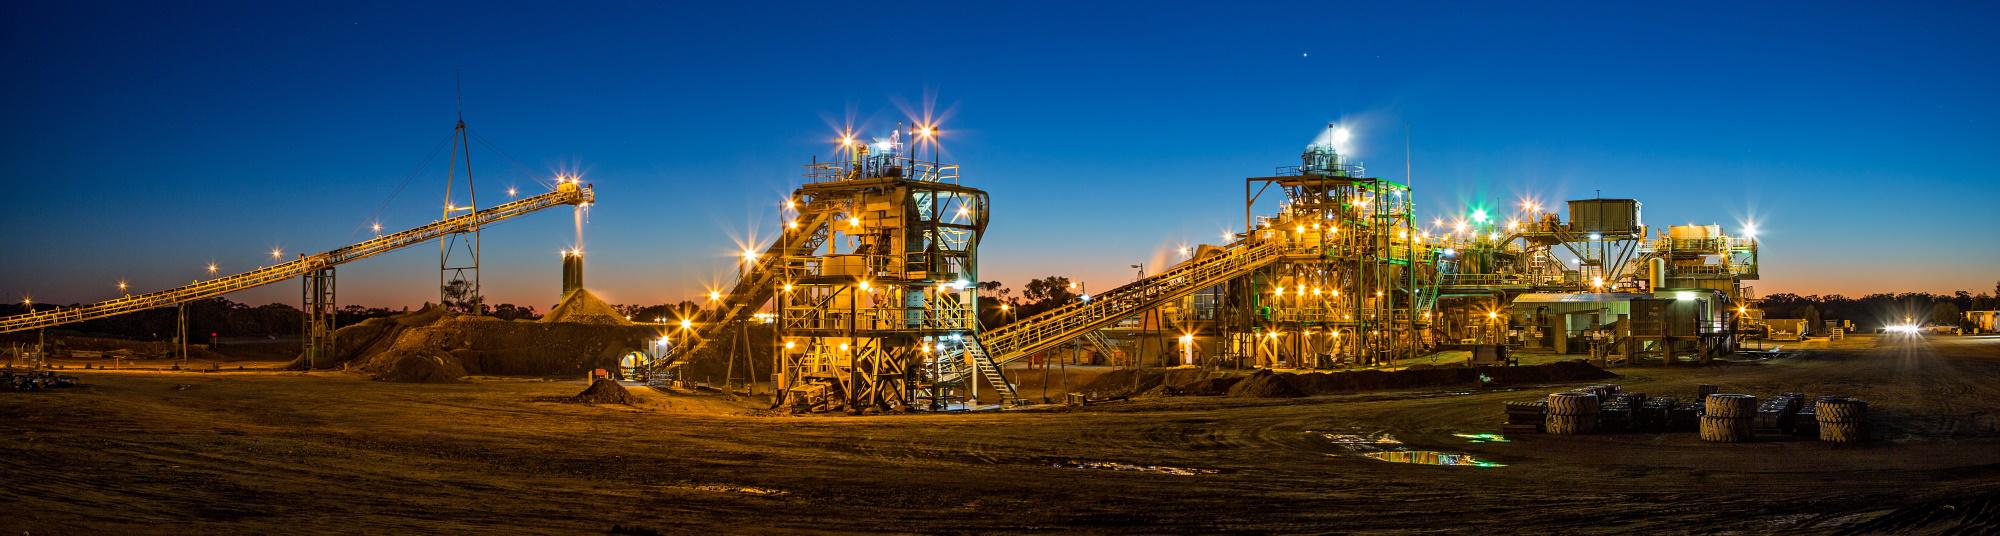 Dig_IT: La digitalización convertirá a la minería en una industria del siglo XXI